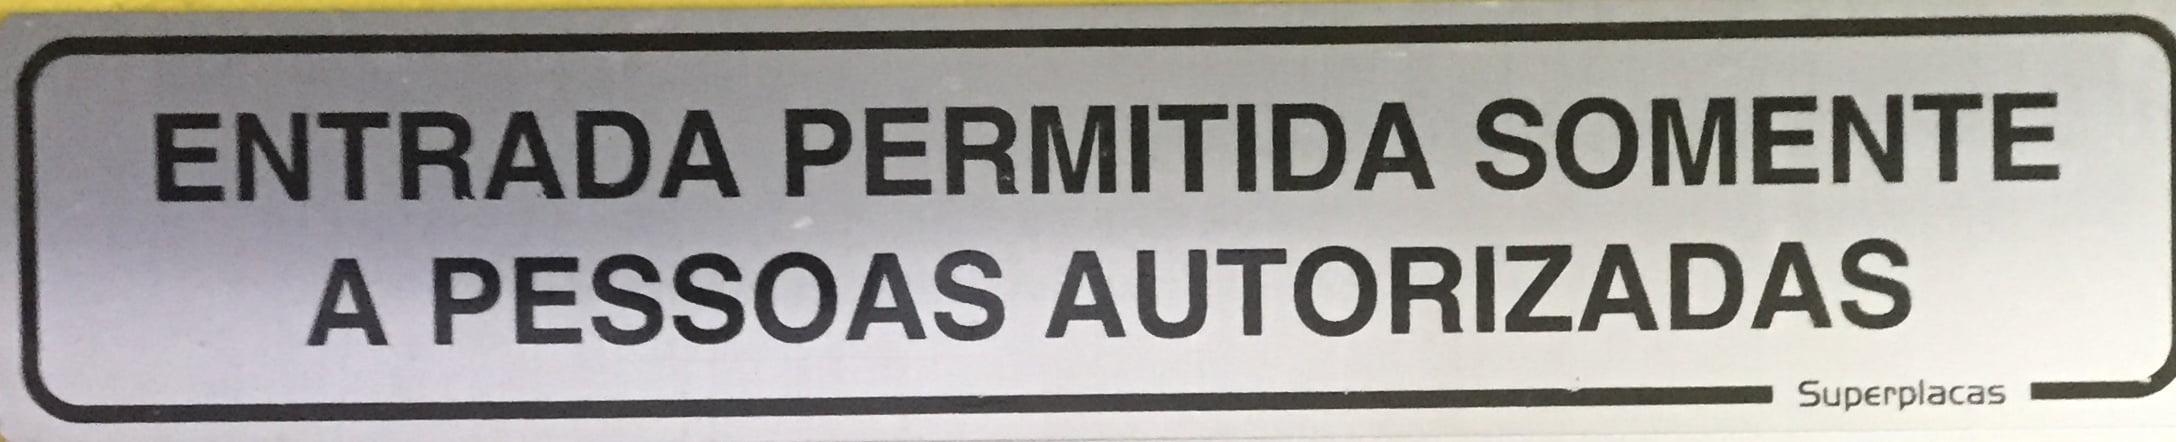 Placa Entrada Permitida Somente a Pessoas Autorizadas